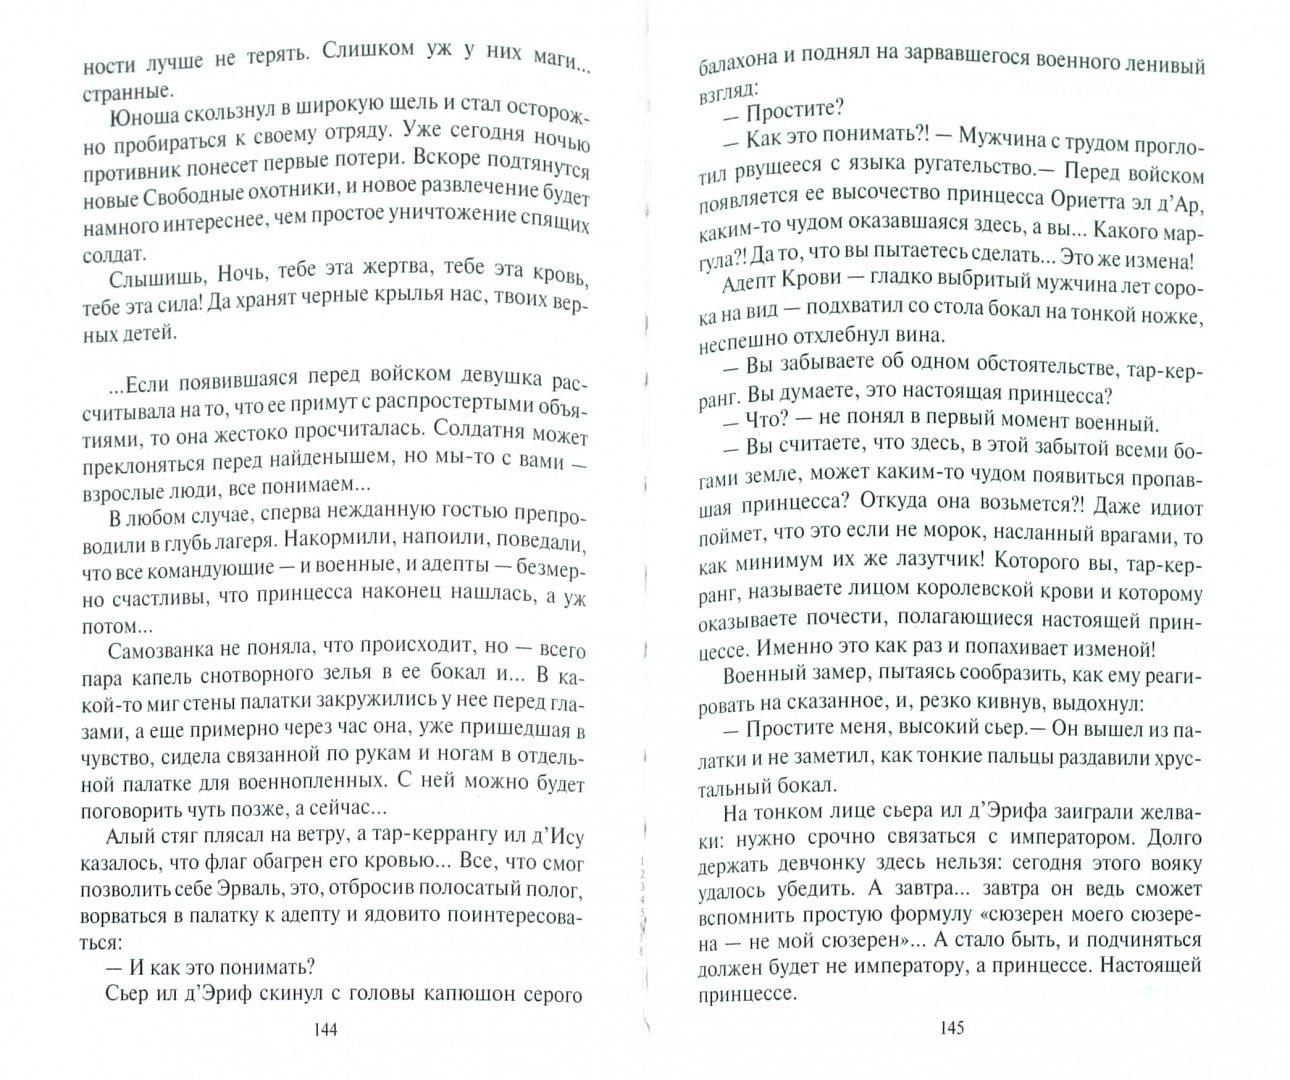 Иллюстрация 1 из 5 для Что выросло, то выросло - Баштовая, Иванова | Лабиринт - книги. Источник: Лабиринт